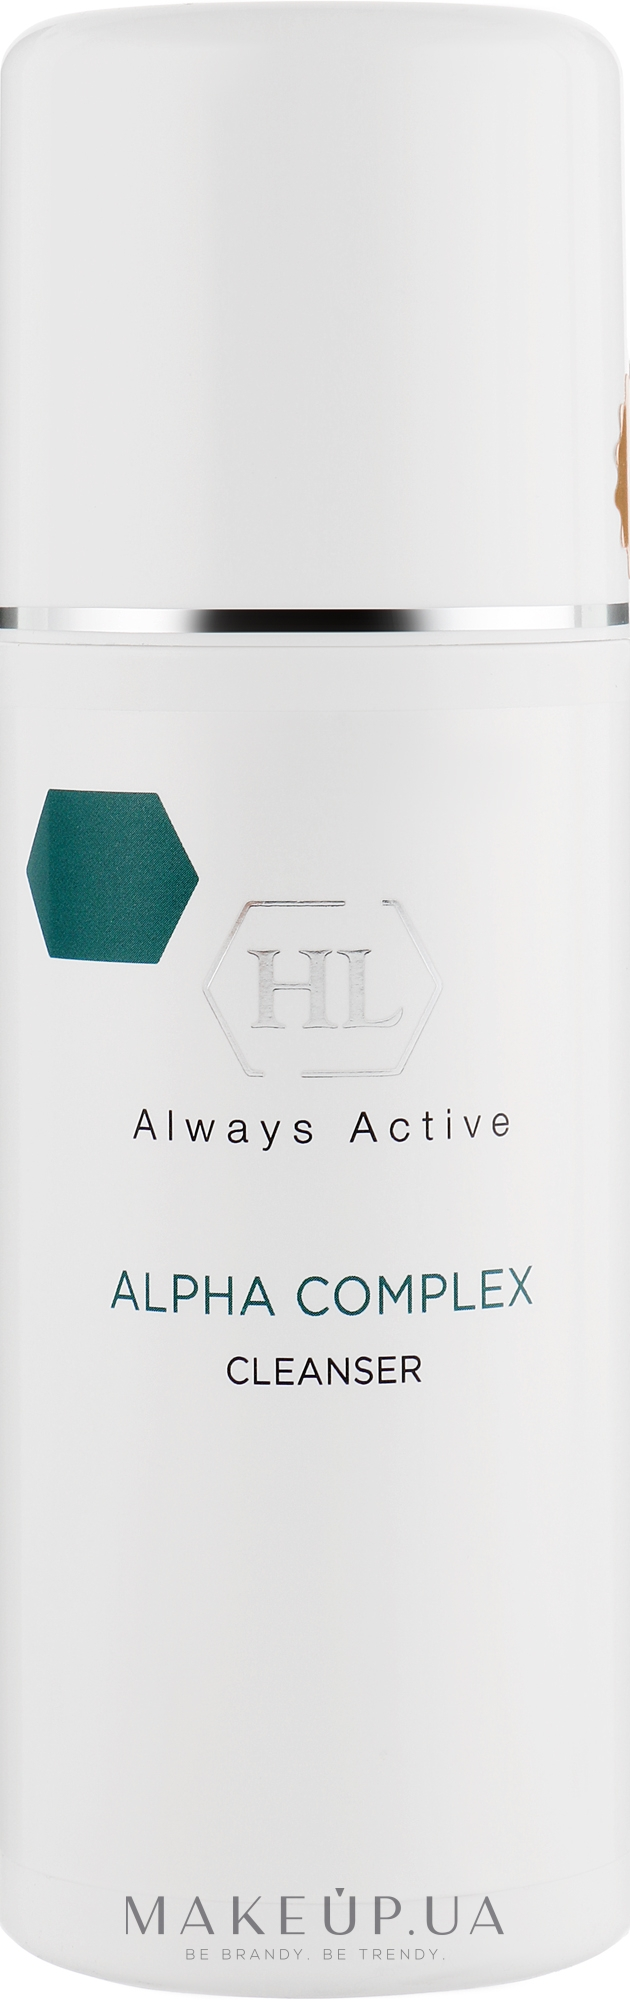 Очисник для обличчя - Holy Land Cosmetics Alpha Complex Cleanser — фото 250ml